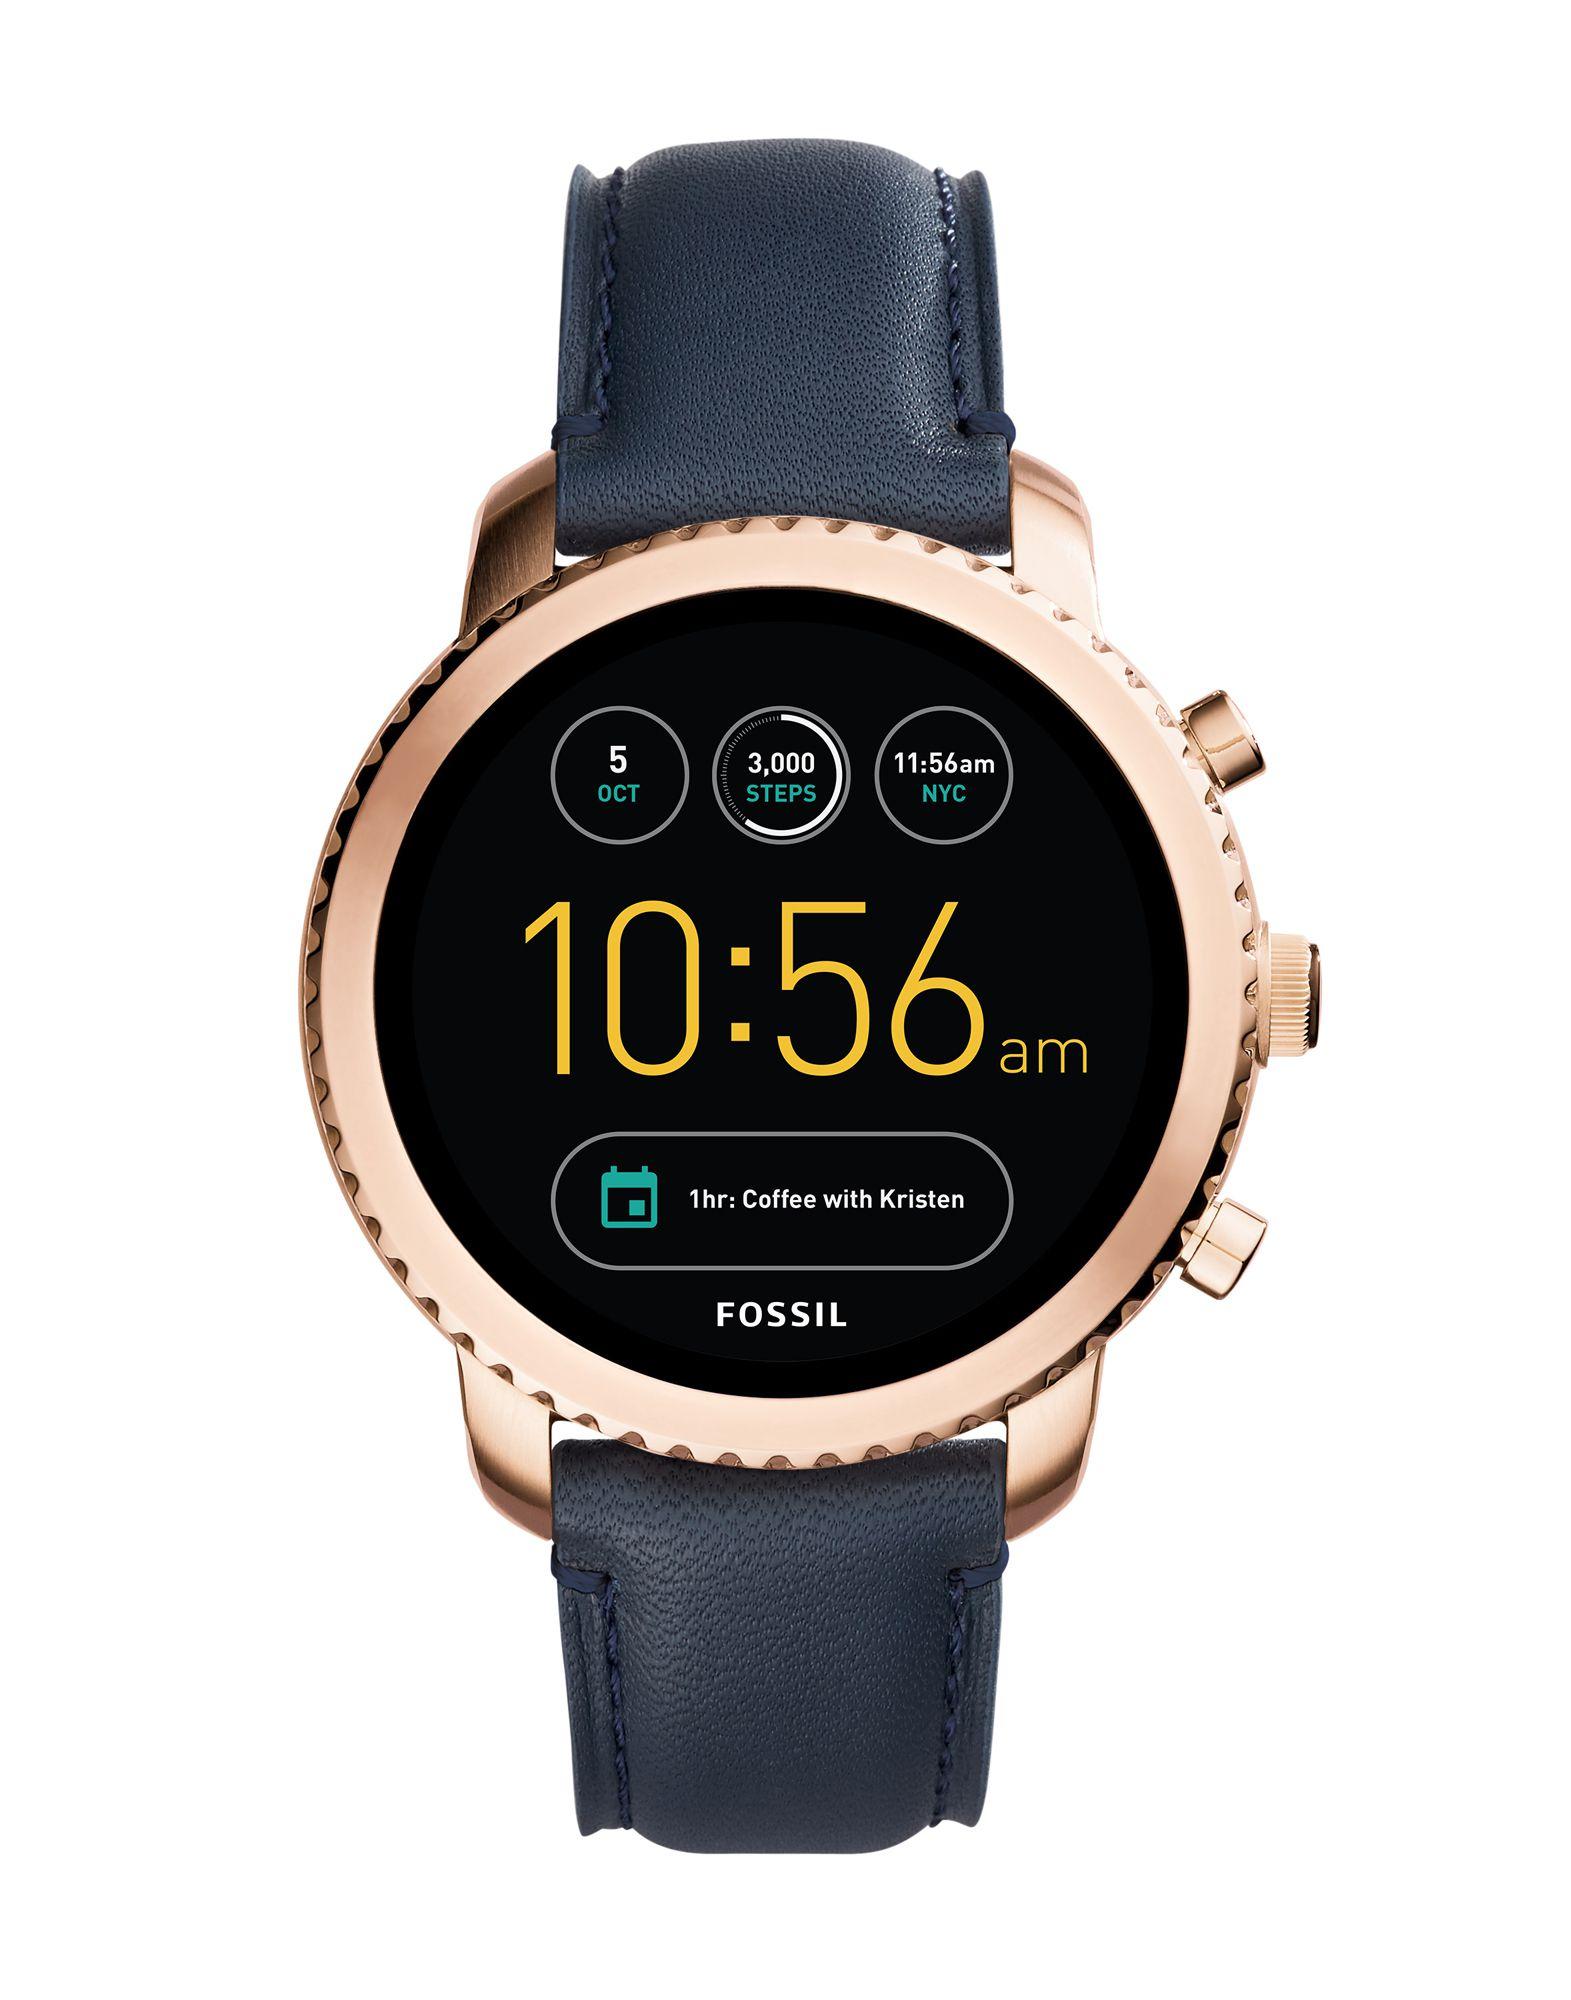 FOSSIL Q Herren Smartwatch Farbe Dunkelblau Größe 1 jetztbilligerkaufen